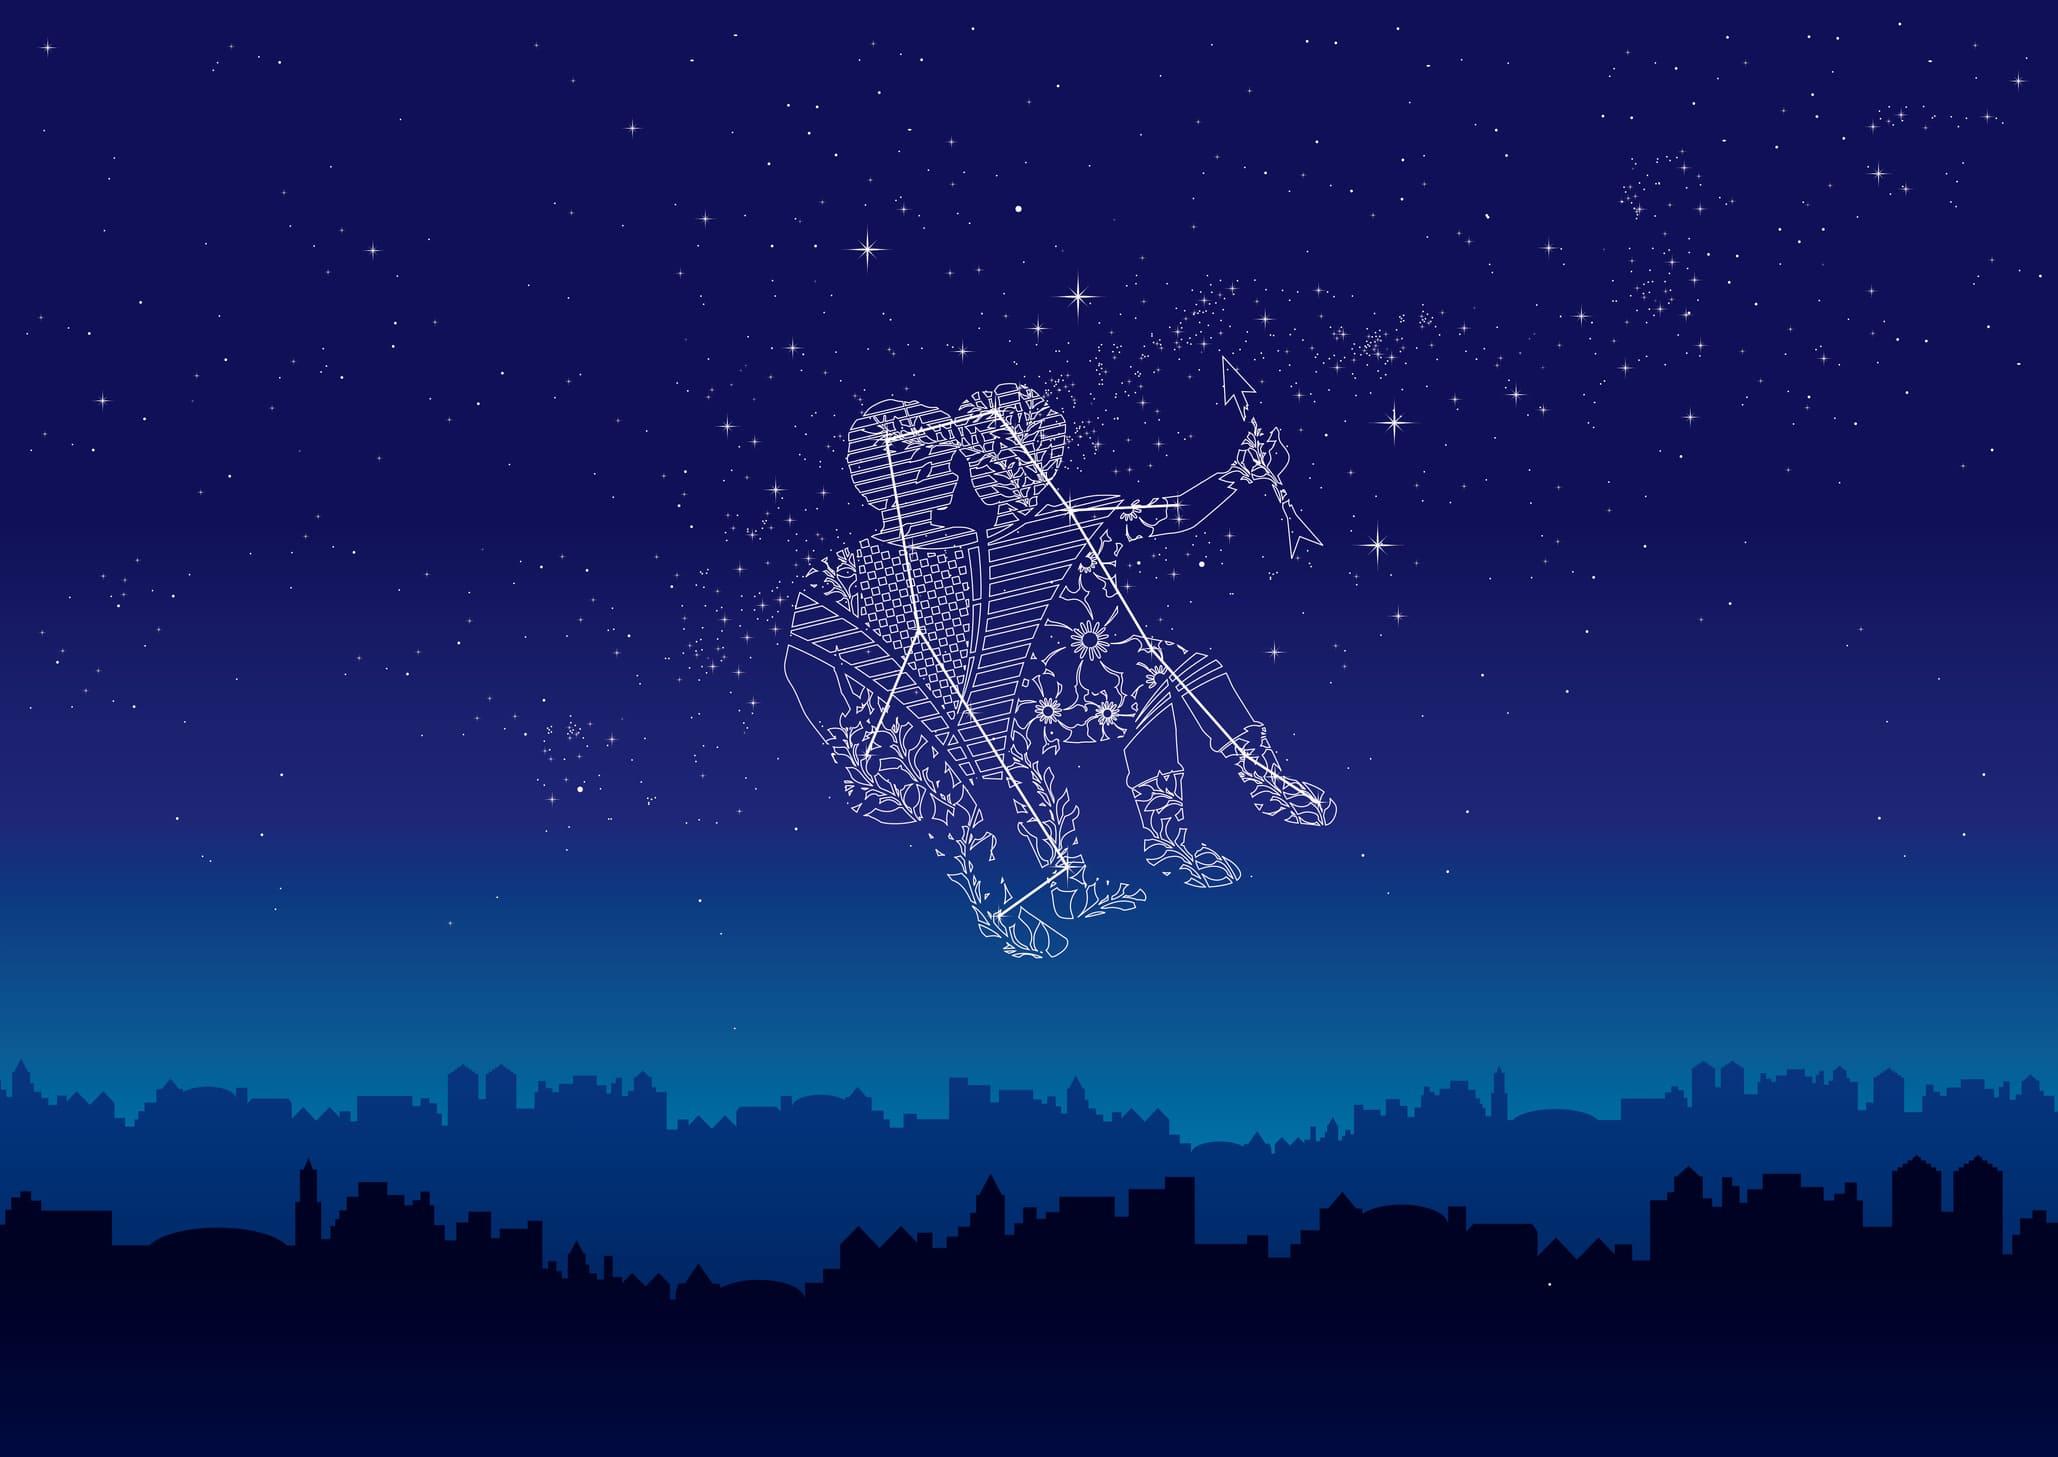 【ふたご座流星群】あなたは夜空にどんな願いを託す?